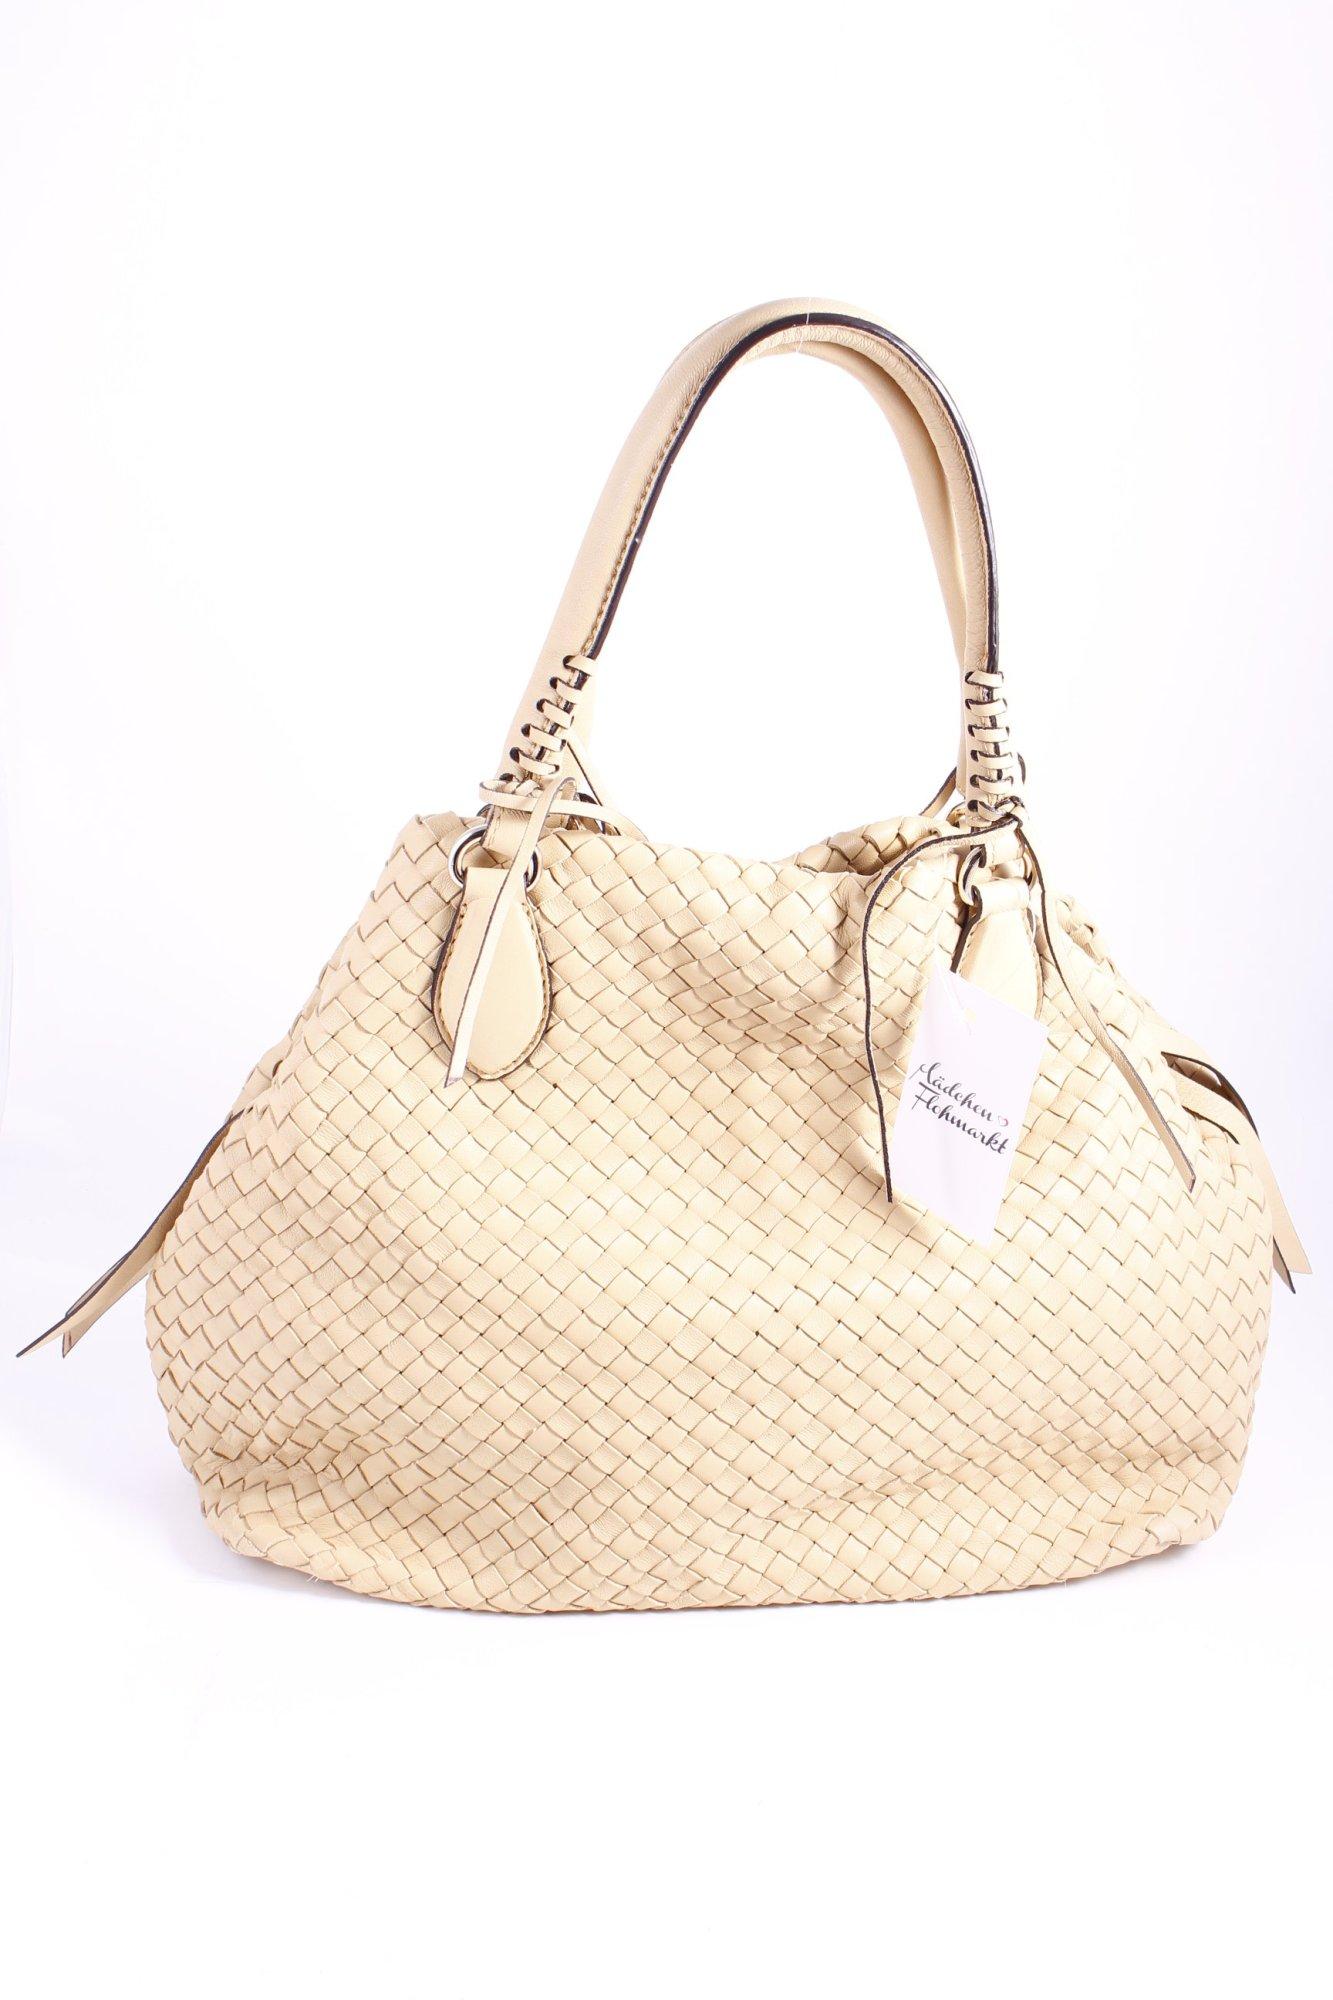 Abro Borsa Shopper Crema Modello Web Stile Casual Donna Pelle Crema-  - ebay.it